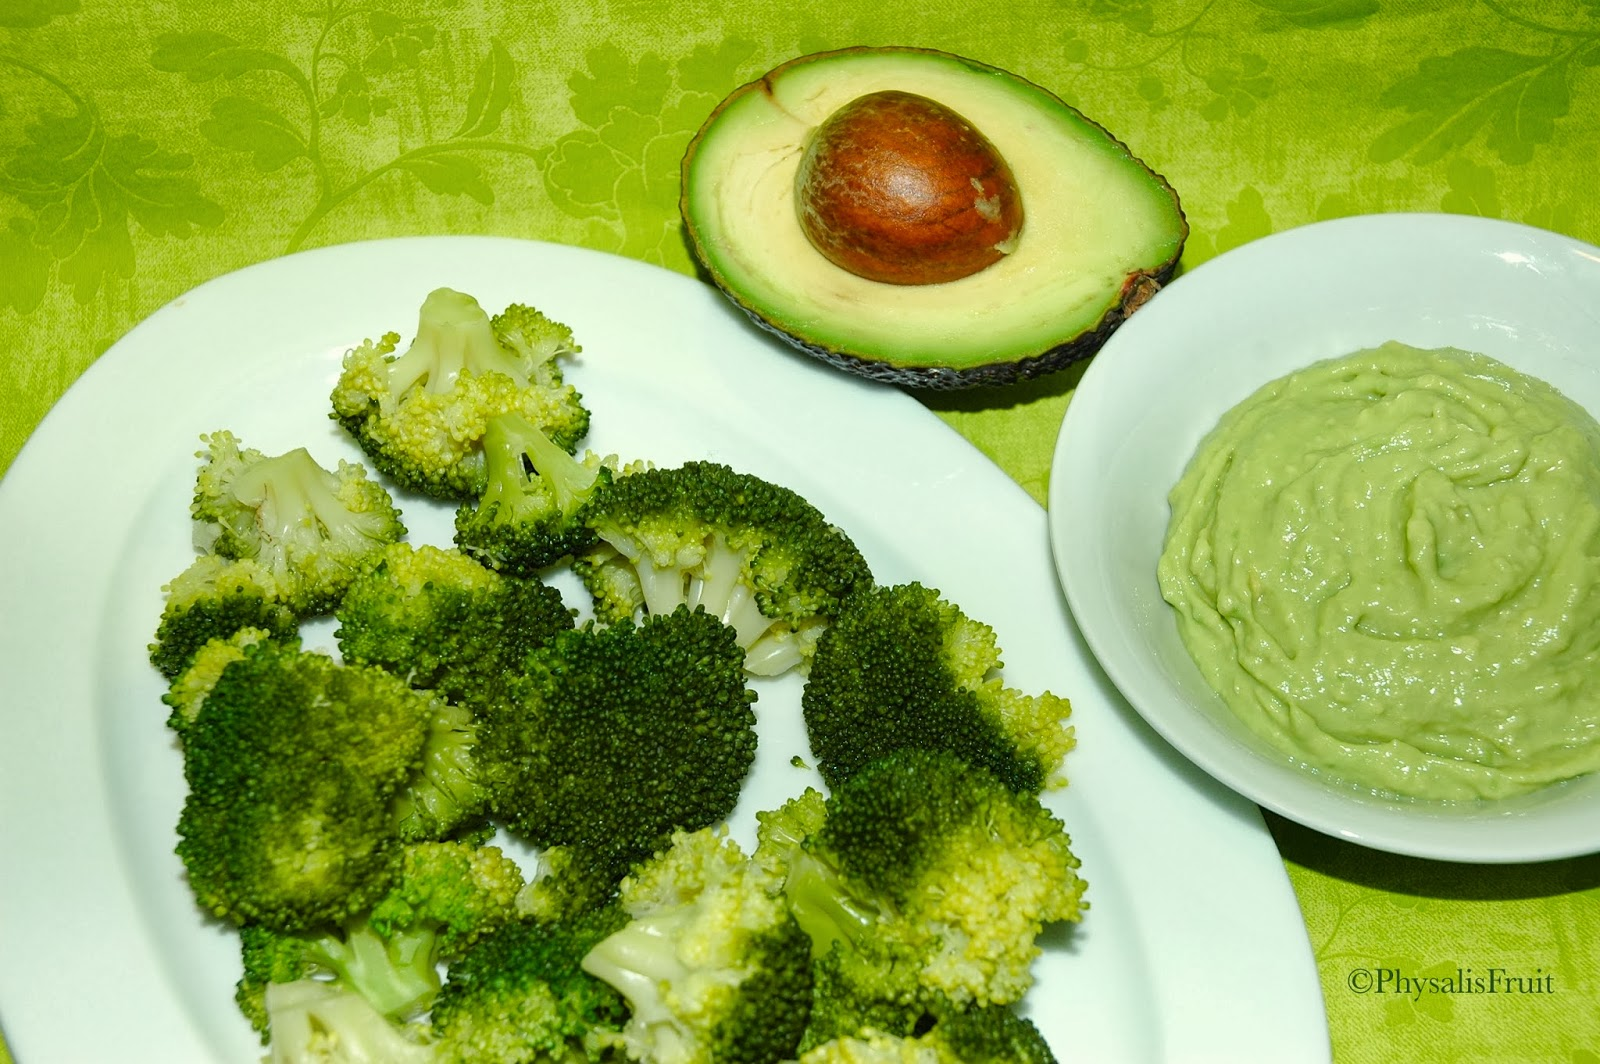 Список лучших 27 щелочных продуктов на планете. Ешьте больше, чтобы предотвратить рак, ожирение и болезни сердца!